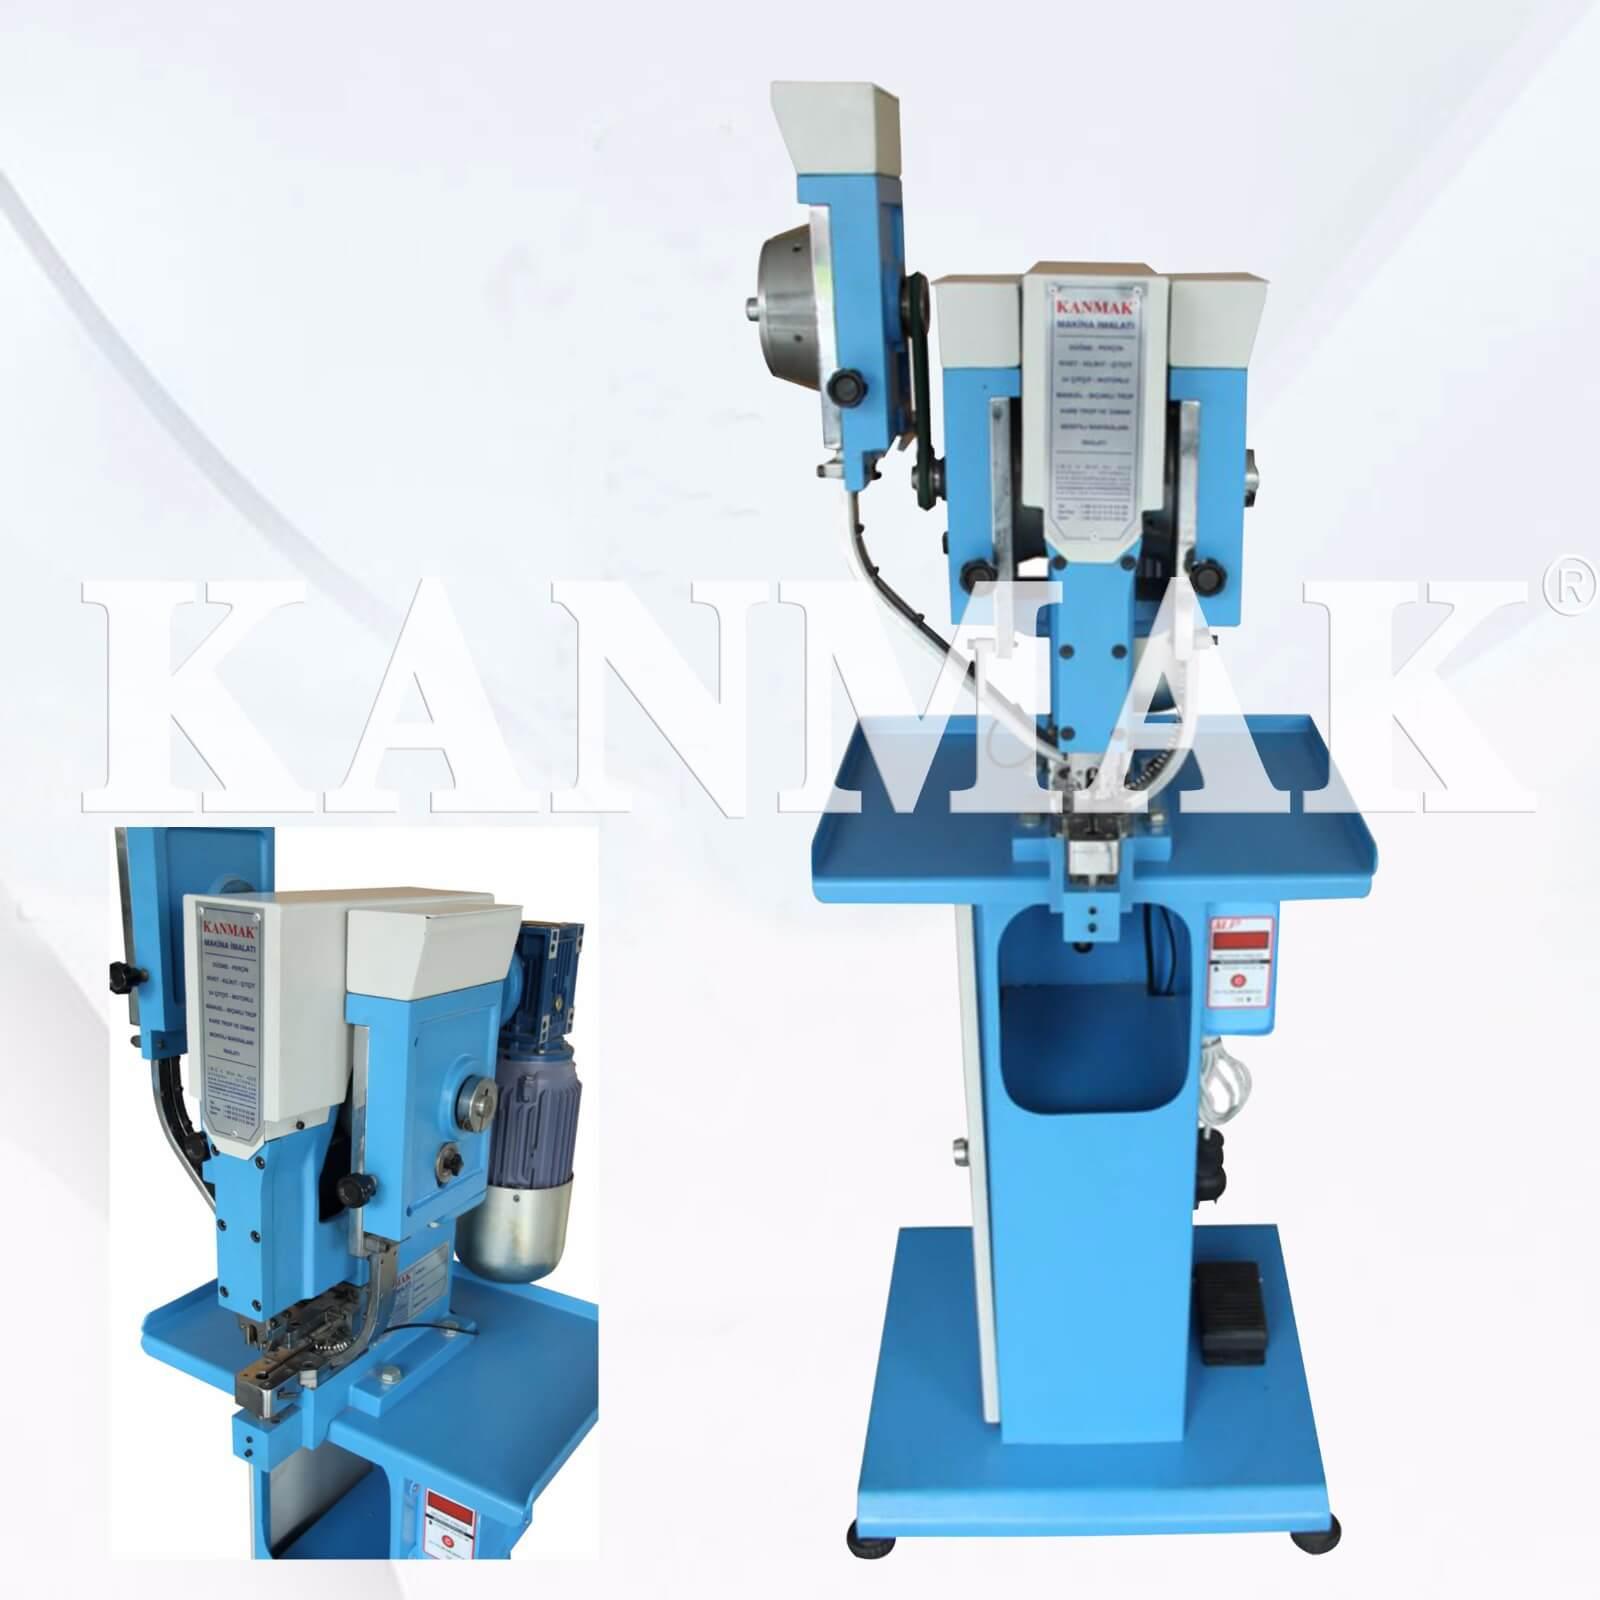 Otomatik Üç Farklı Model Perçin Çakma Makinası KM 5300